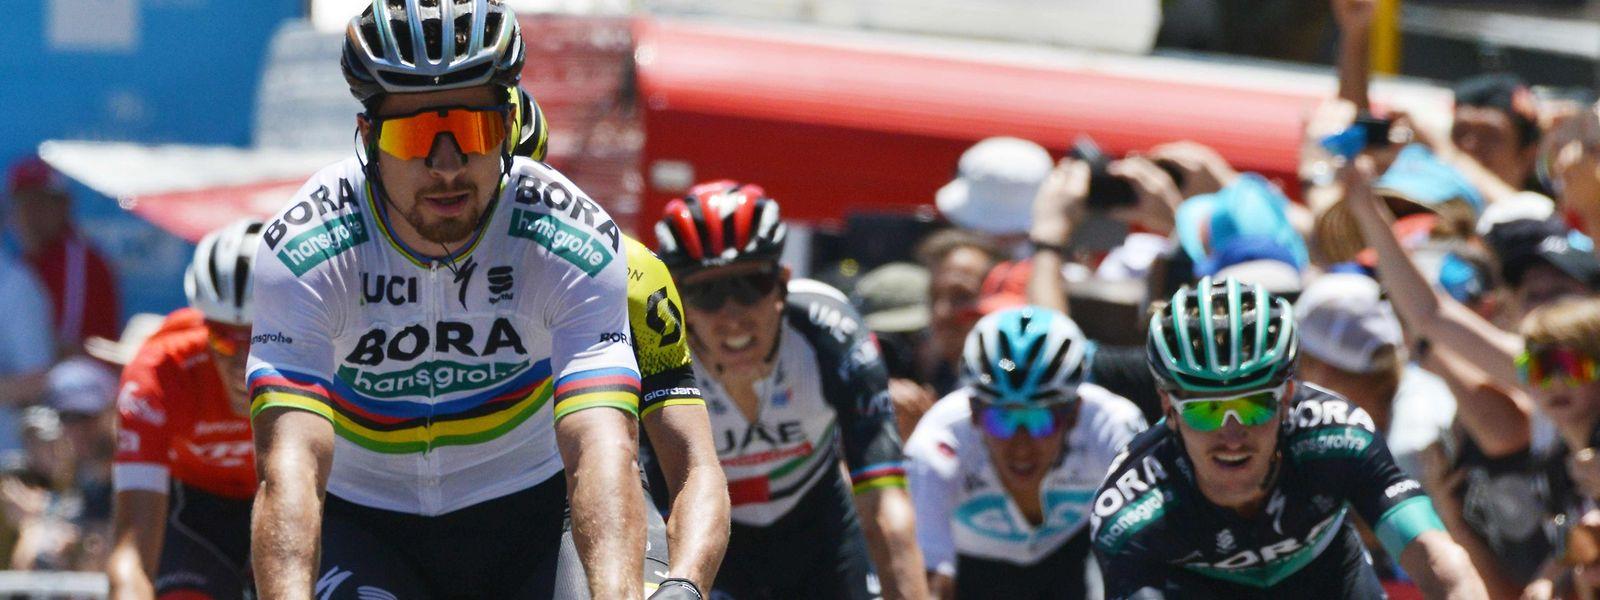 Peter Sagan war am Freitag nicht zu schlagen. Links im Bild: der Luxemburger Laurent Didier (rotes Trikot).